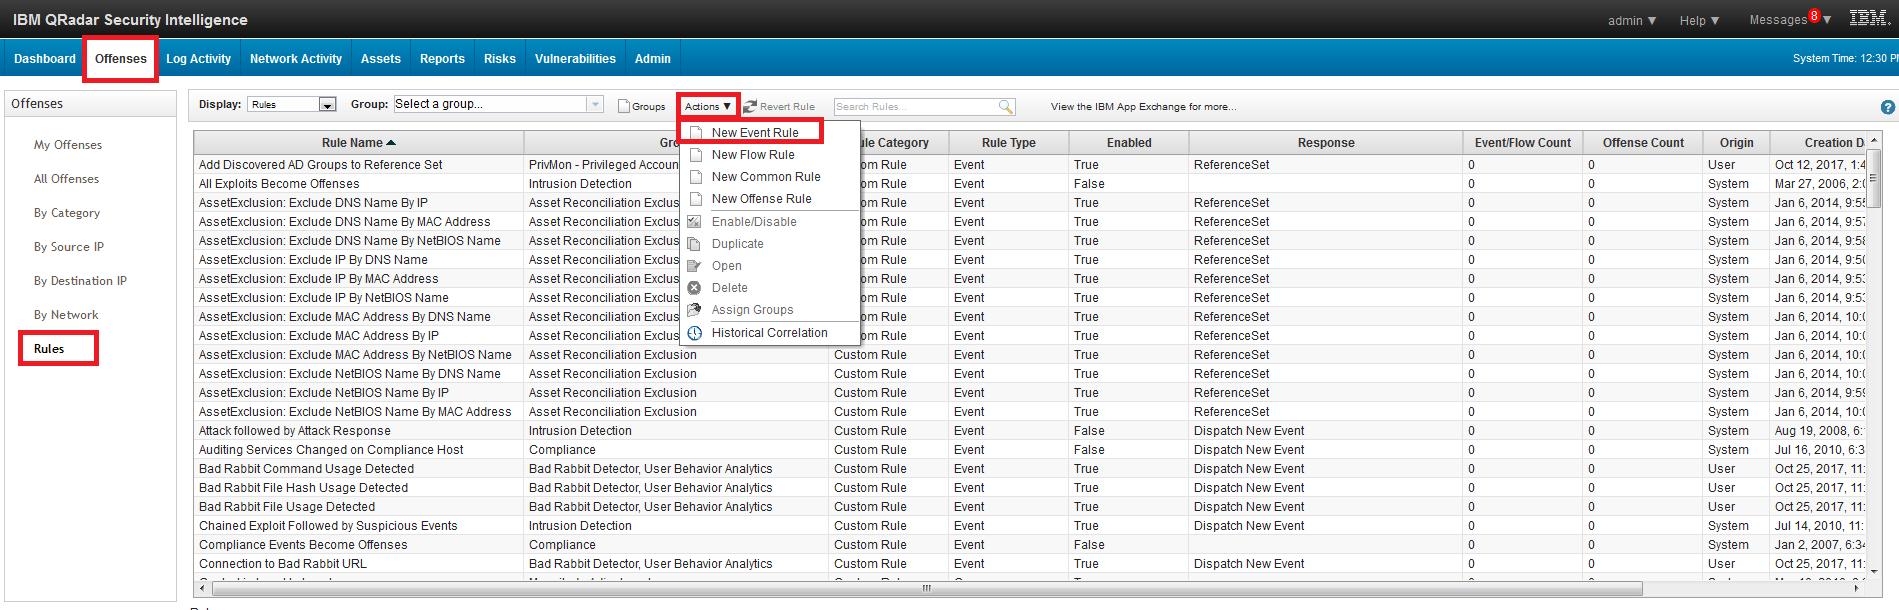 Creating Rules in IBM QRadar - SOC Prime